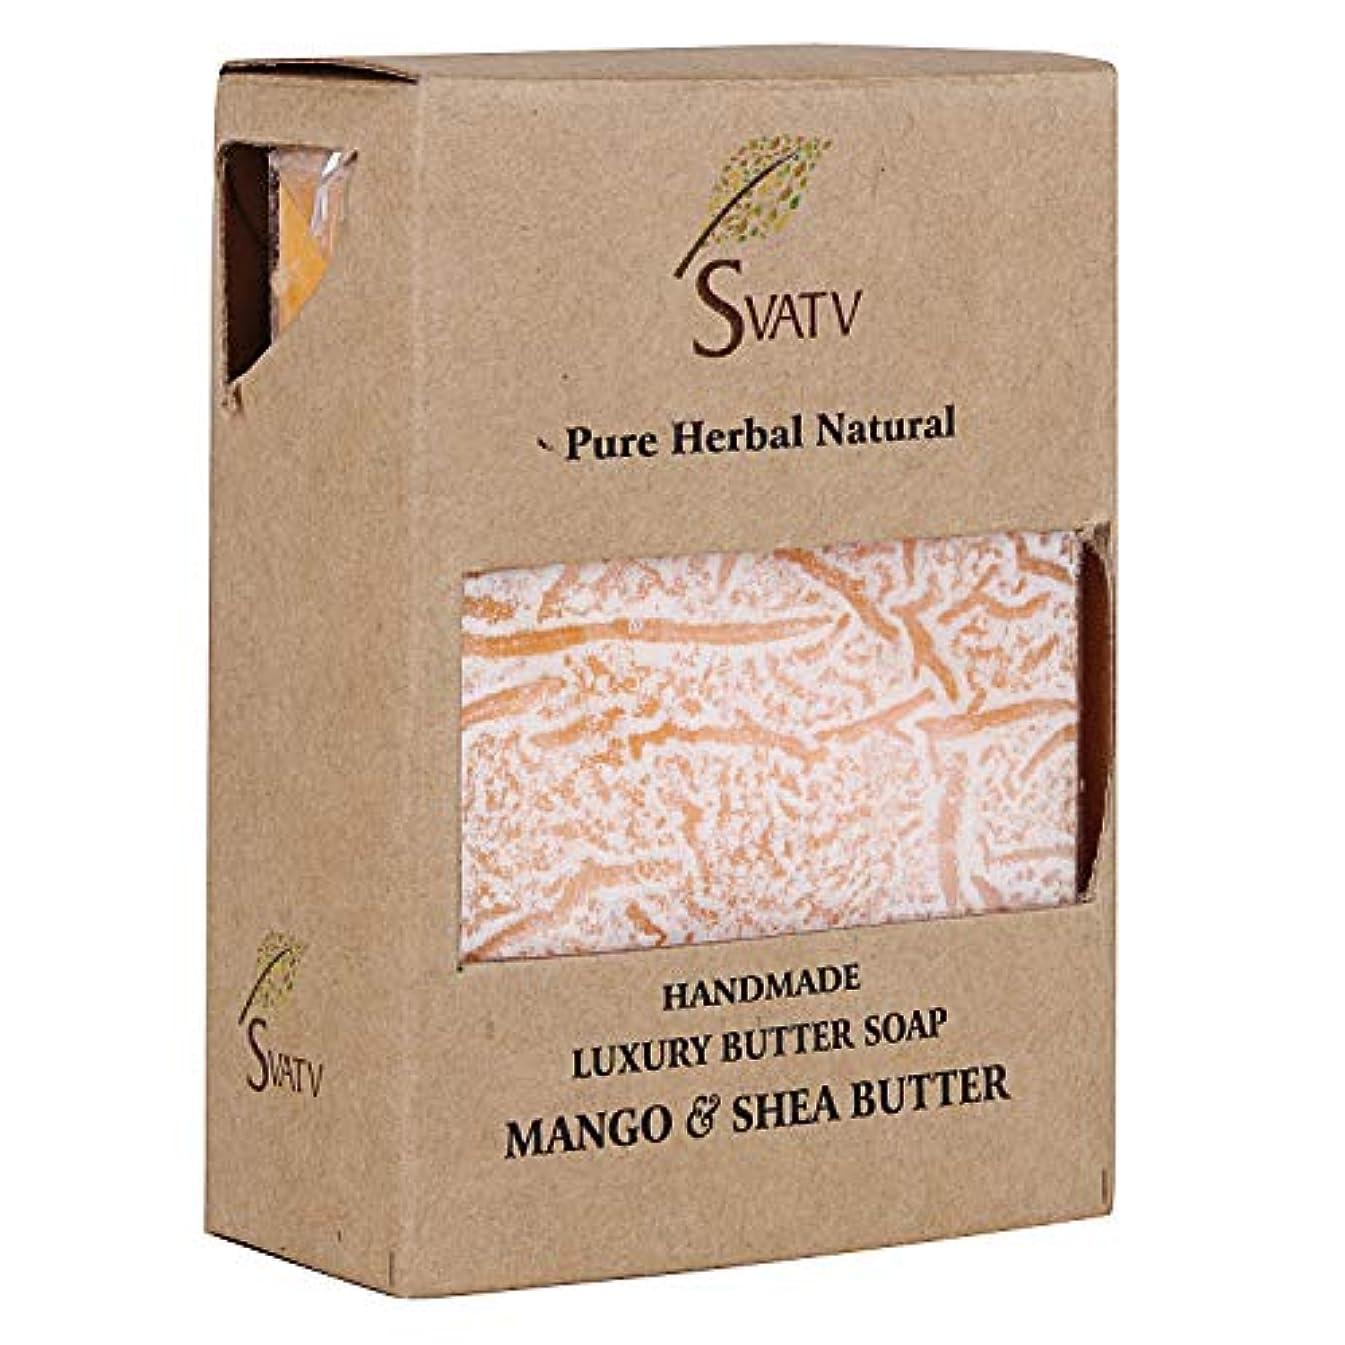 ワイヤーチャップ滴下SVATV Handmade Luxury Butter Soap Mango & Shea Butter For All Skin types 100g Bar